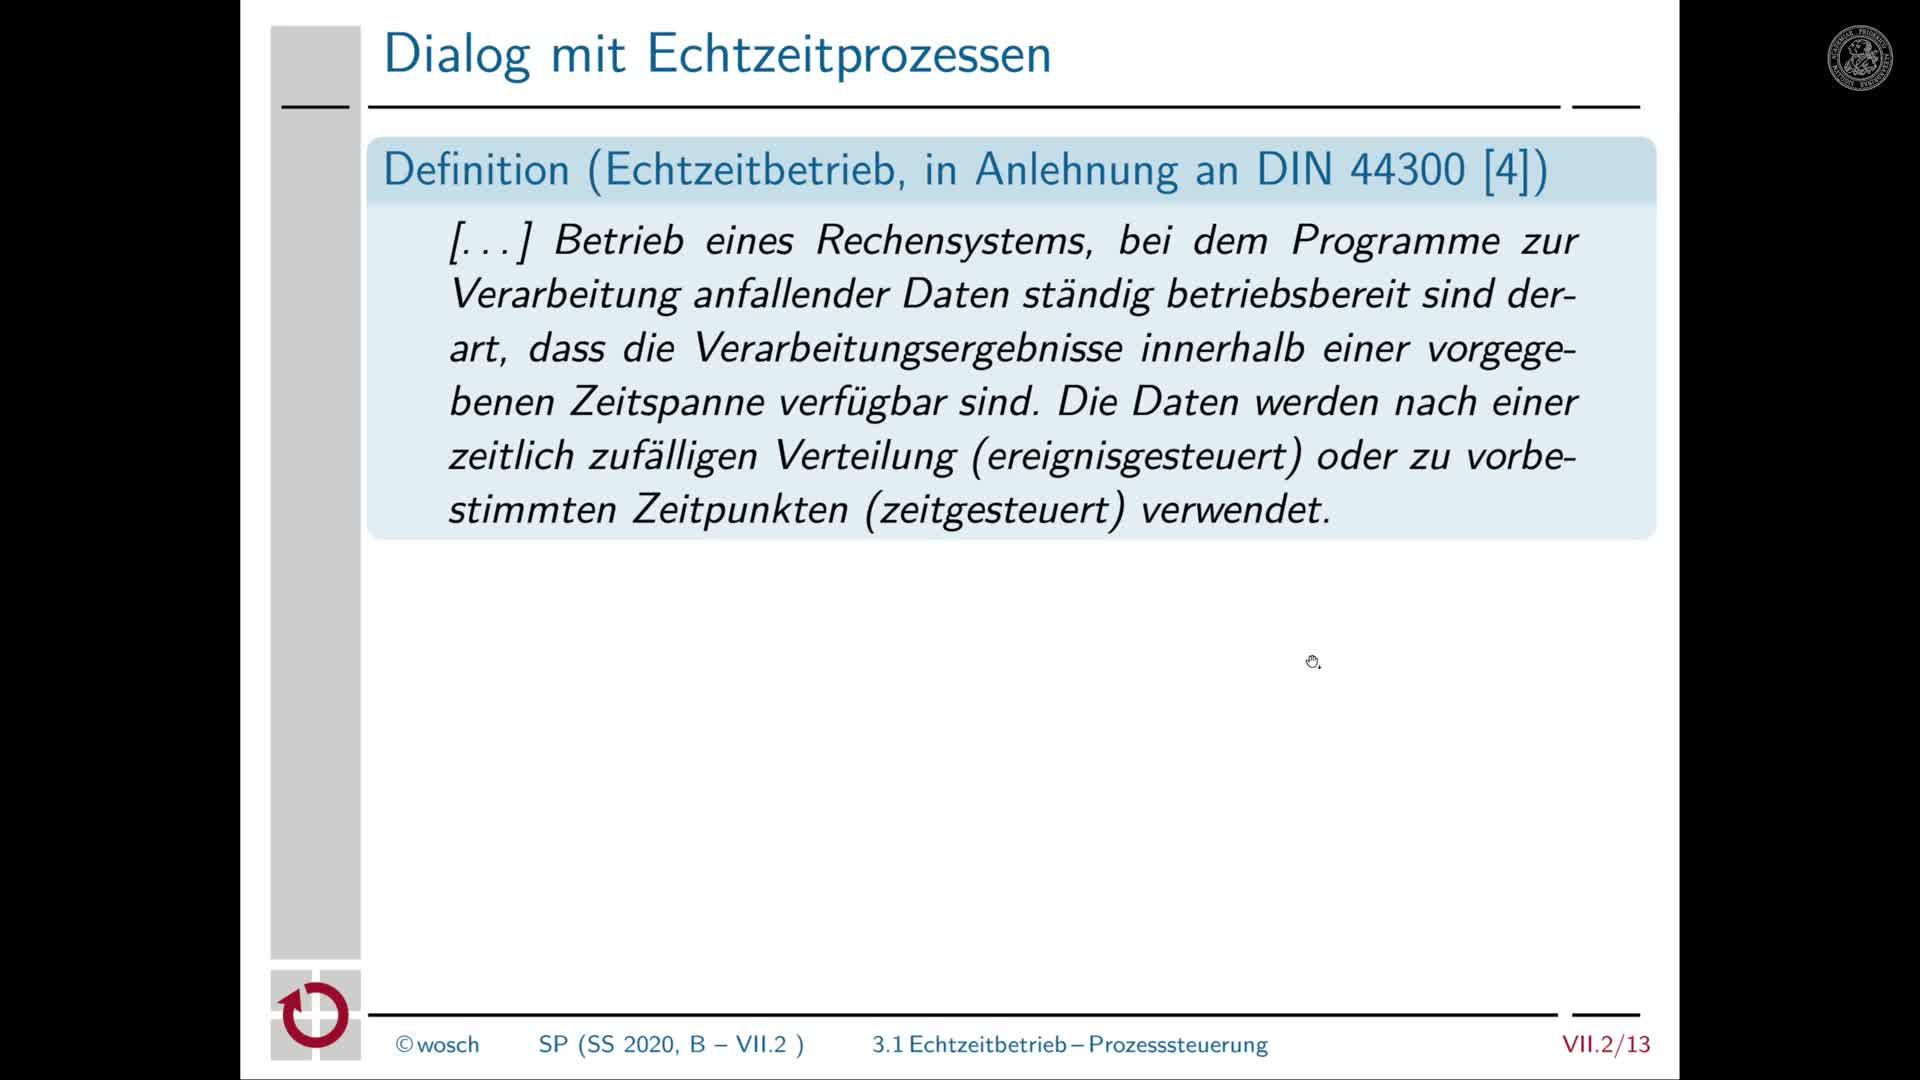 7.2.4 Dialogverarbeitung: Echtzeitbetrieb preview image